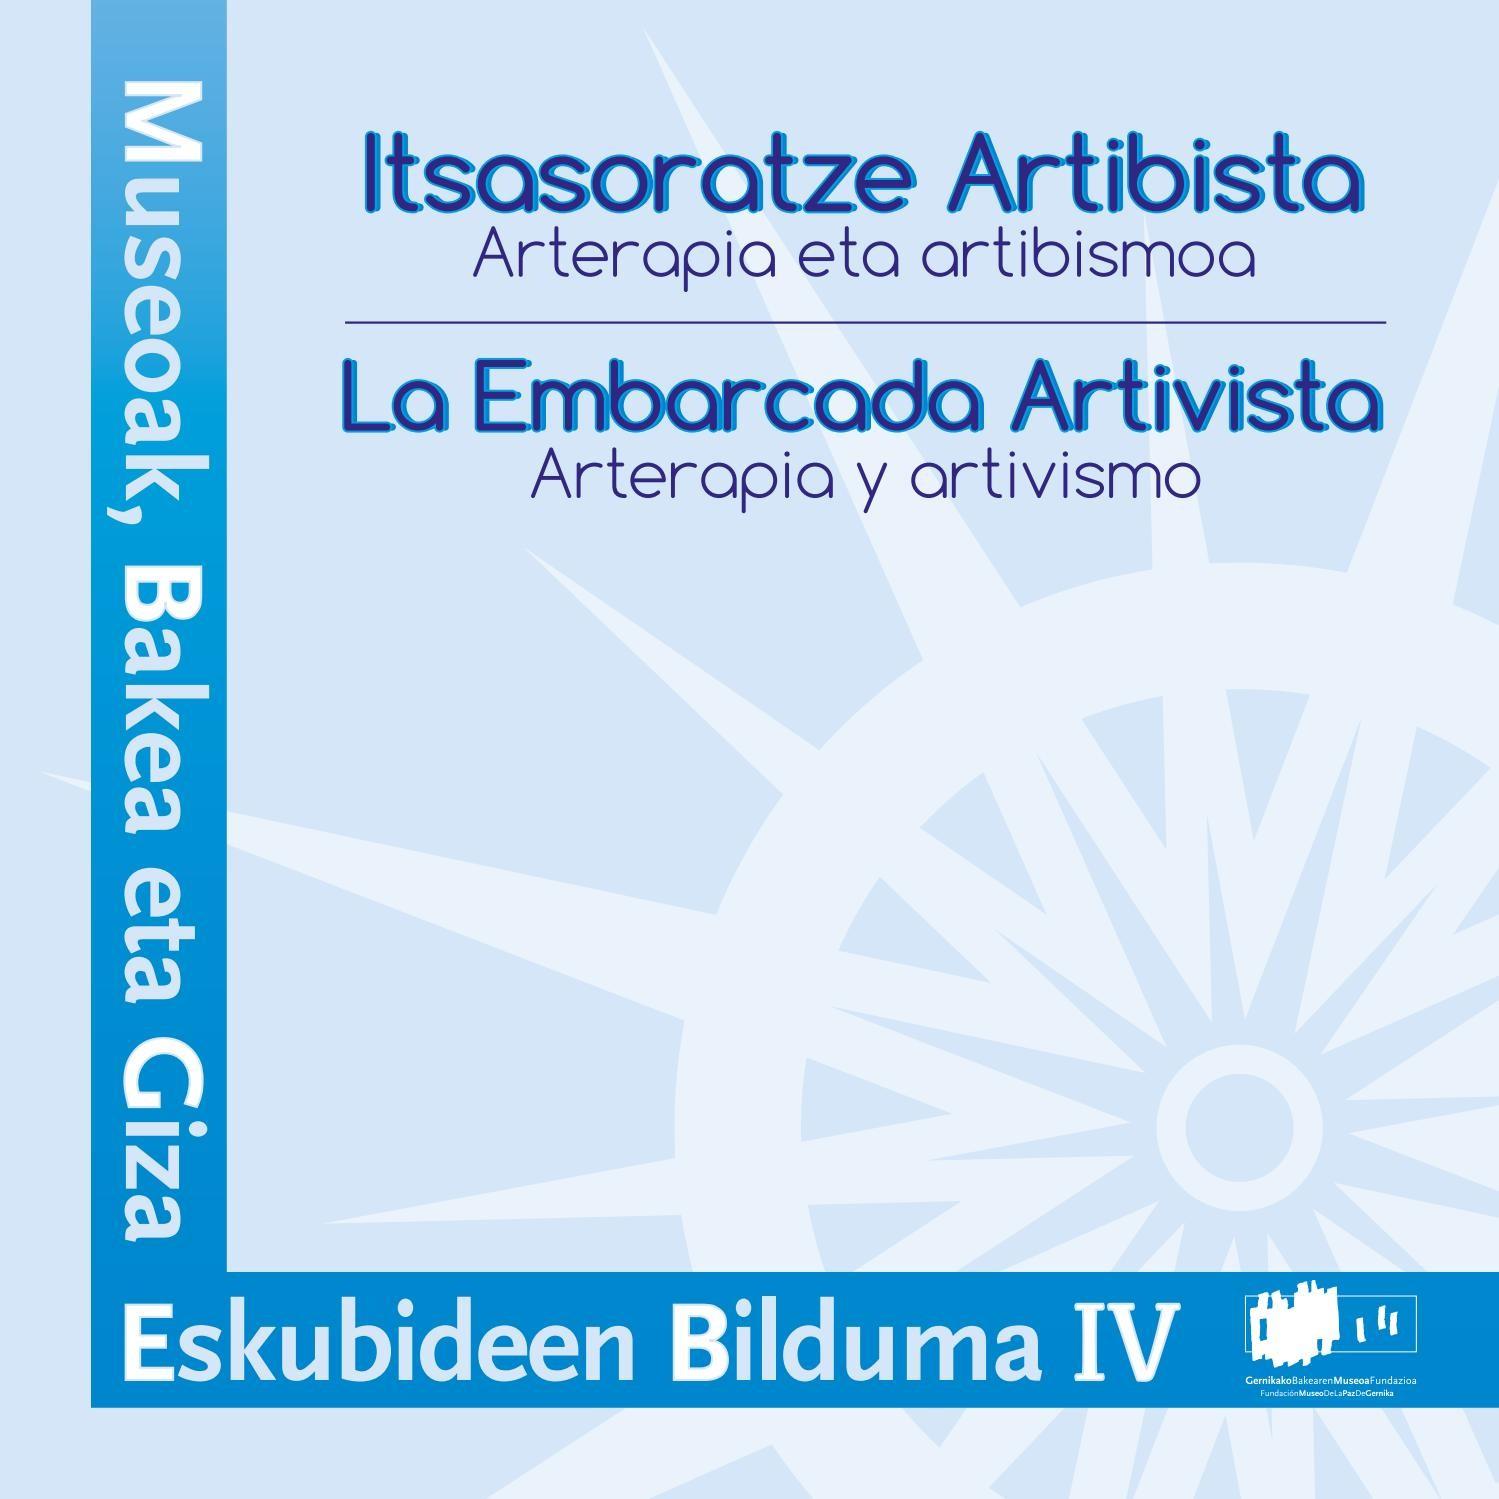 Calendario Laboral 2019 andalucia Para Imprimir Más Reciente Embarcada Artivista Itsasoratze Artibista by Museo De La Paz De